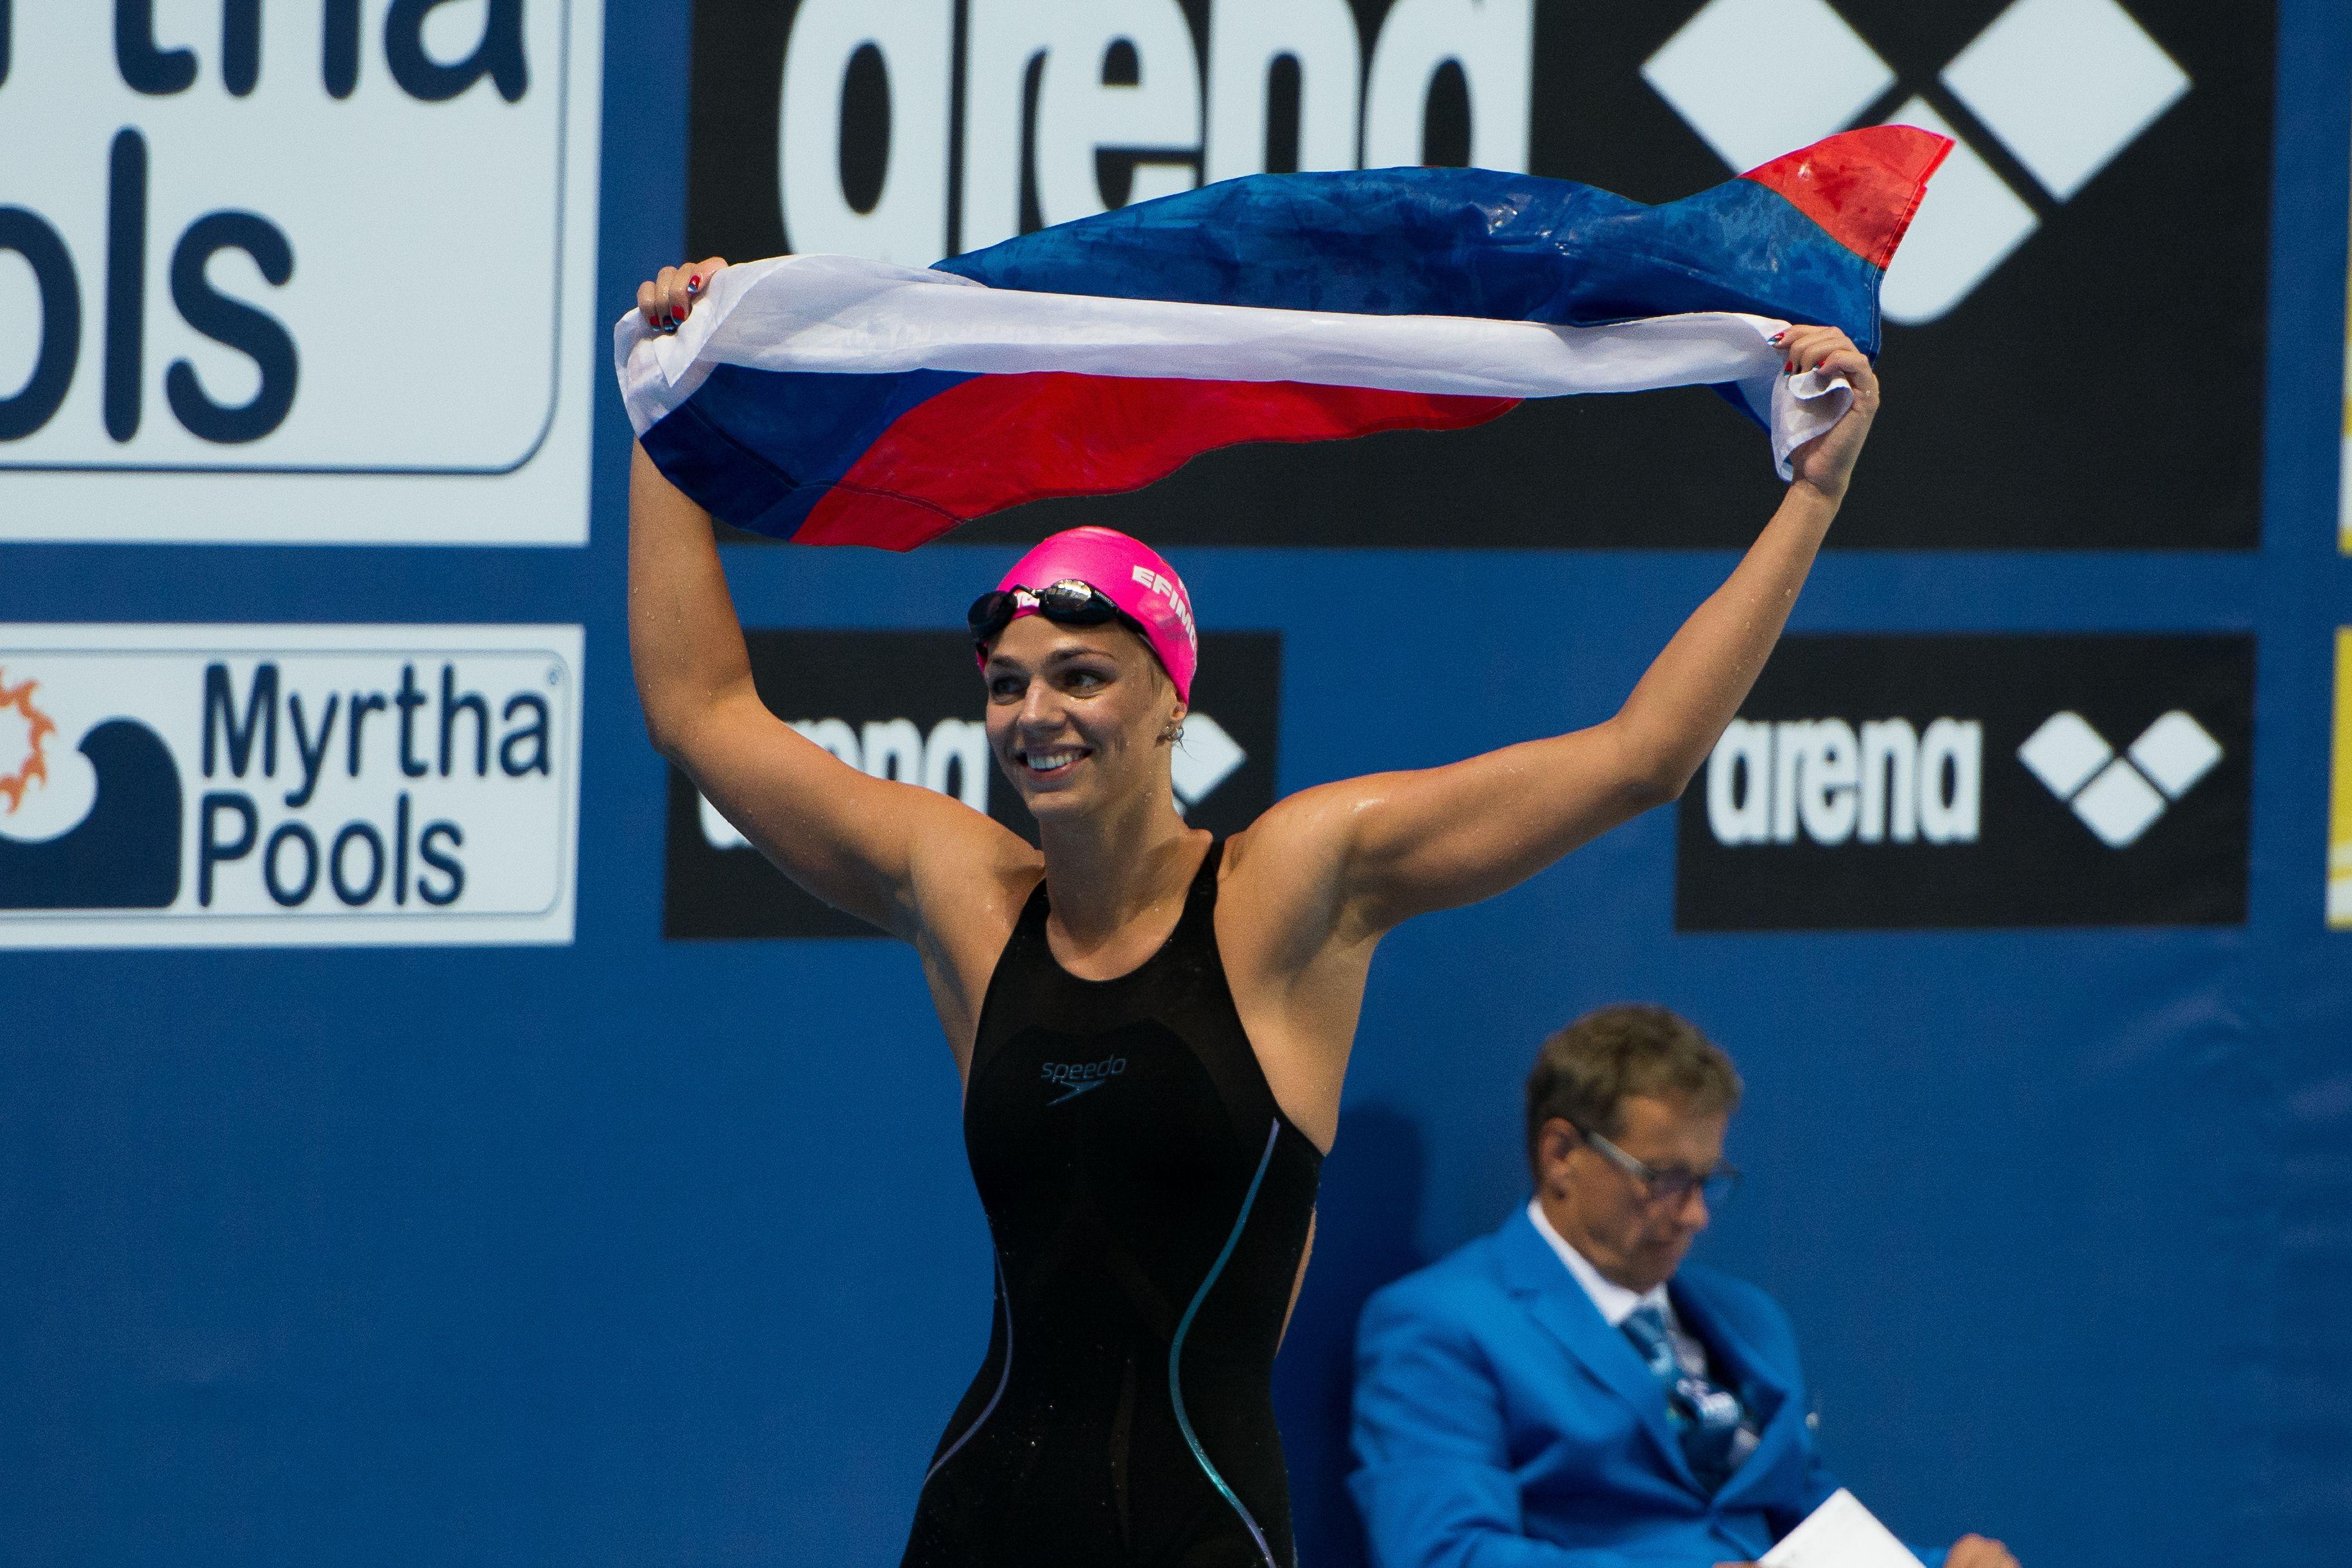 Стал известен состав сборной России по плаванию на Олимпийские игры в Токио